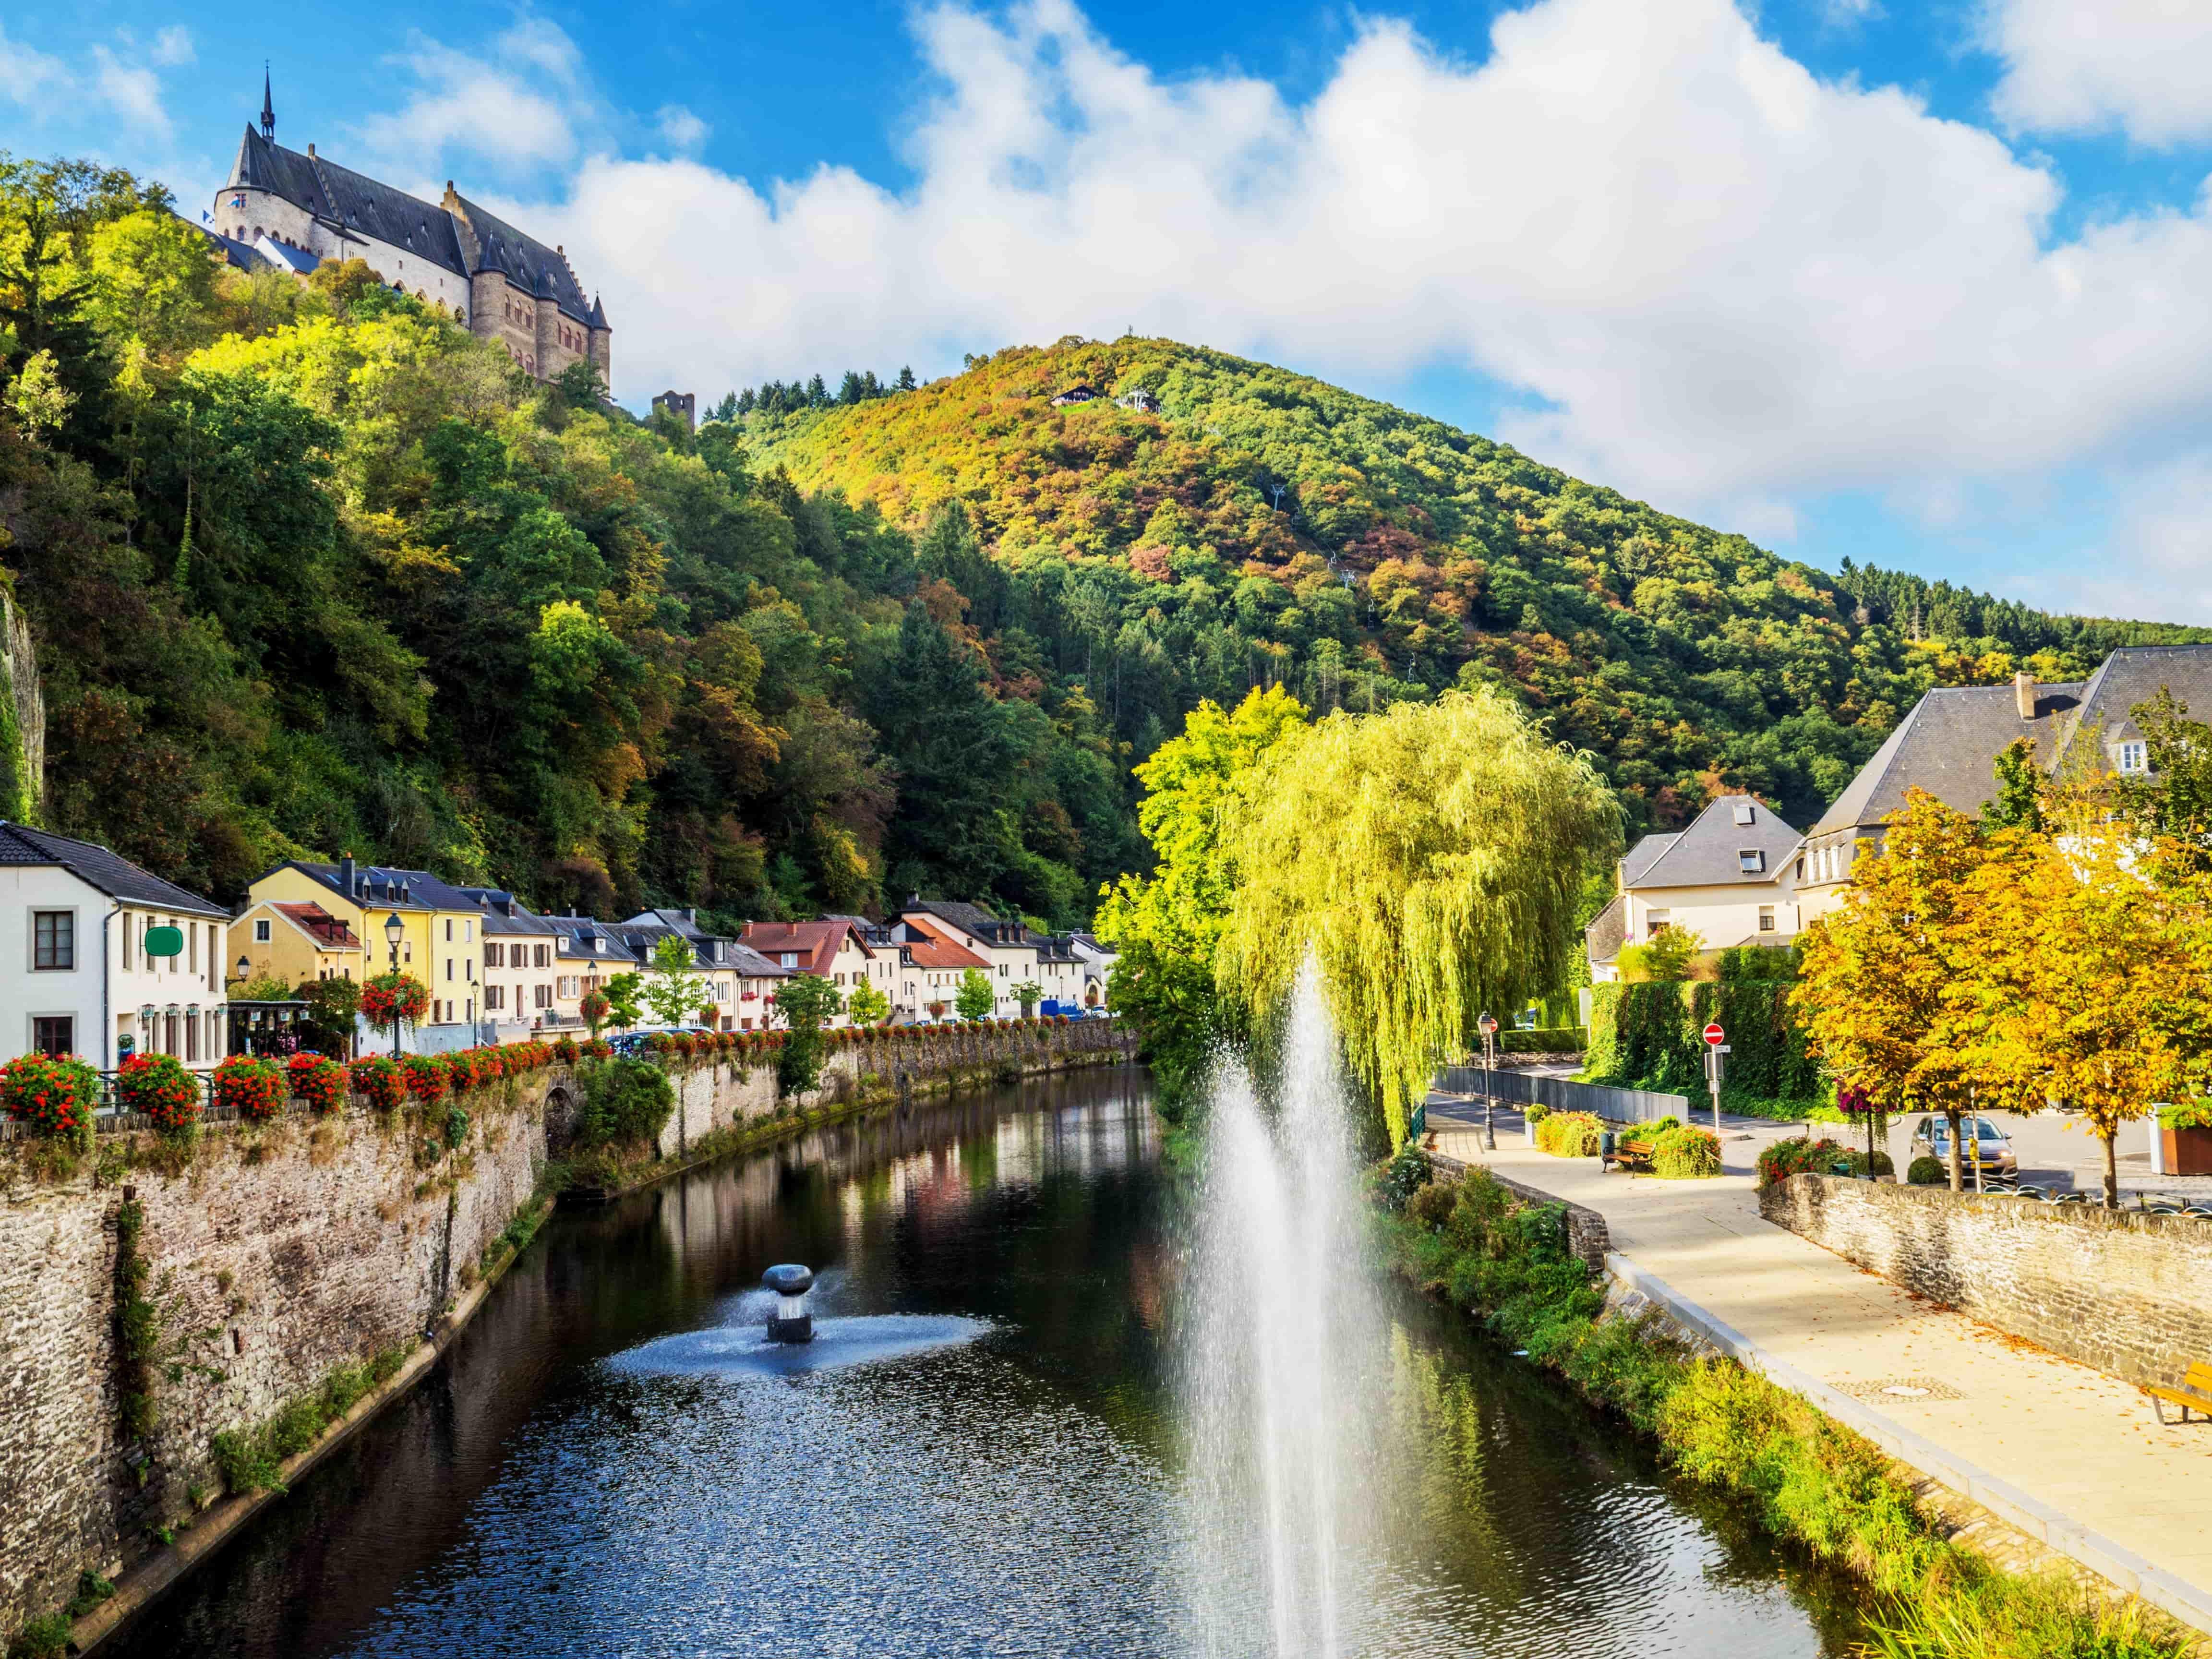 Urlaub in Luxemburg - Der perfekte Kurz-Urlaub